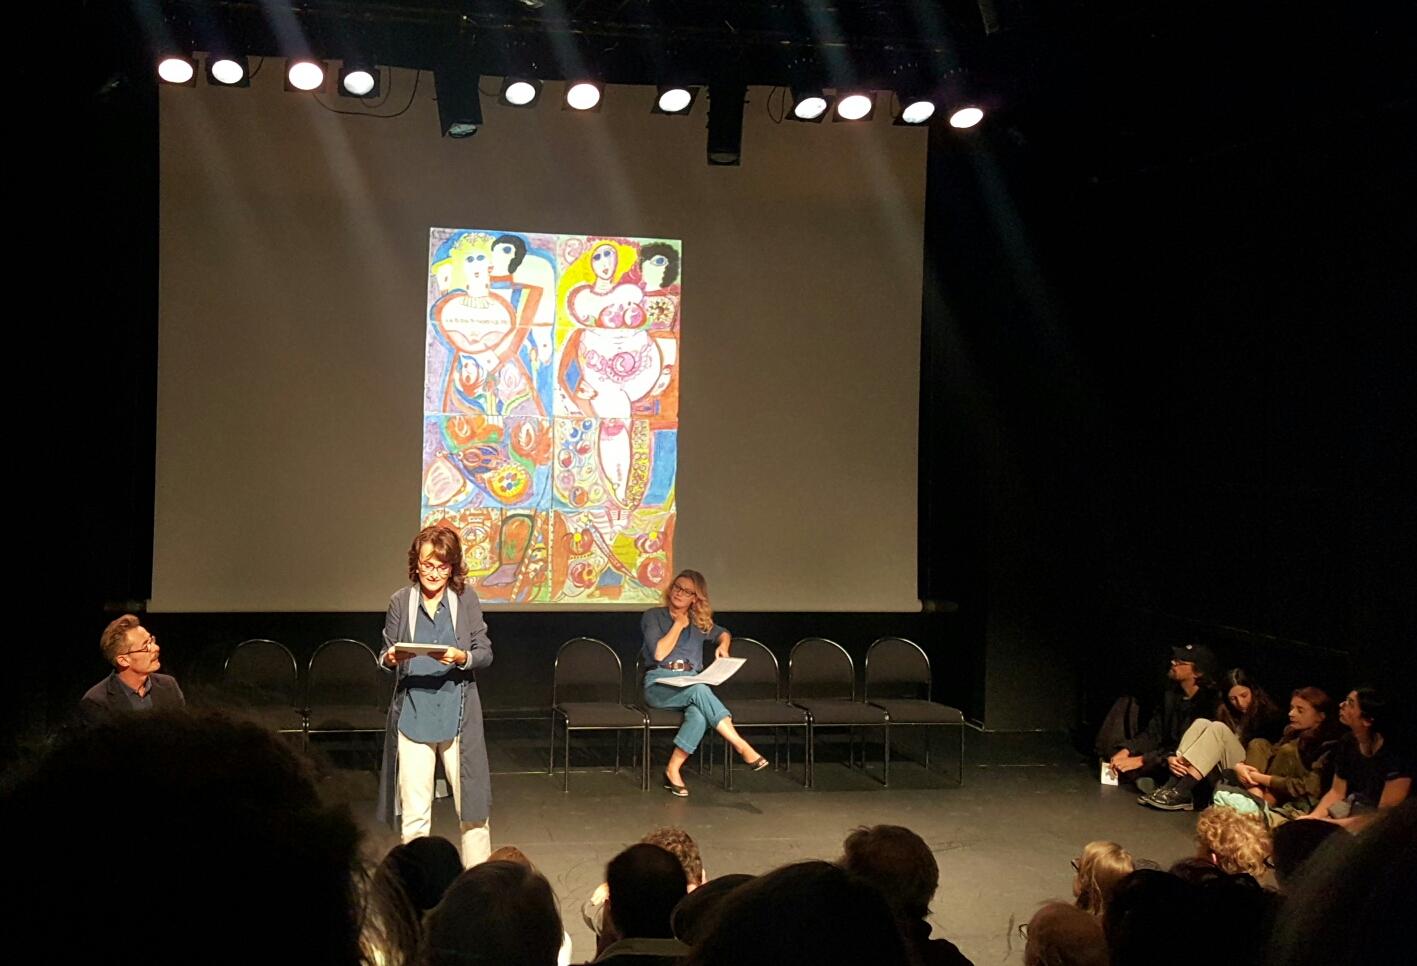 2017 09 12 centre culturel Suisse avec Alain Fromager